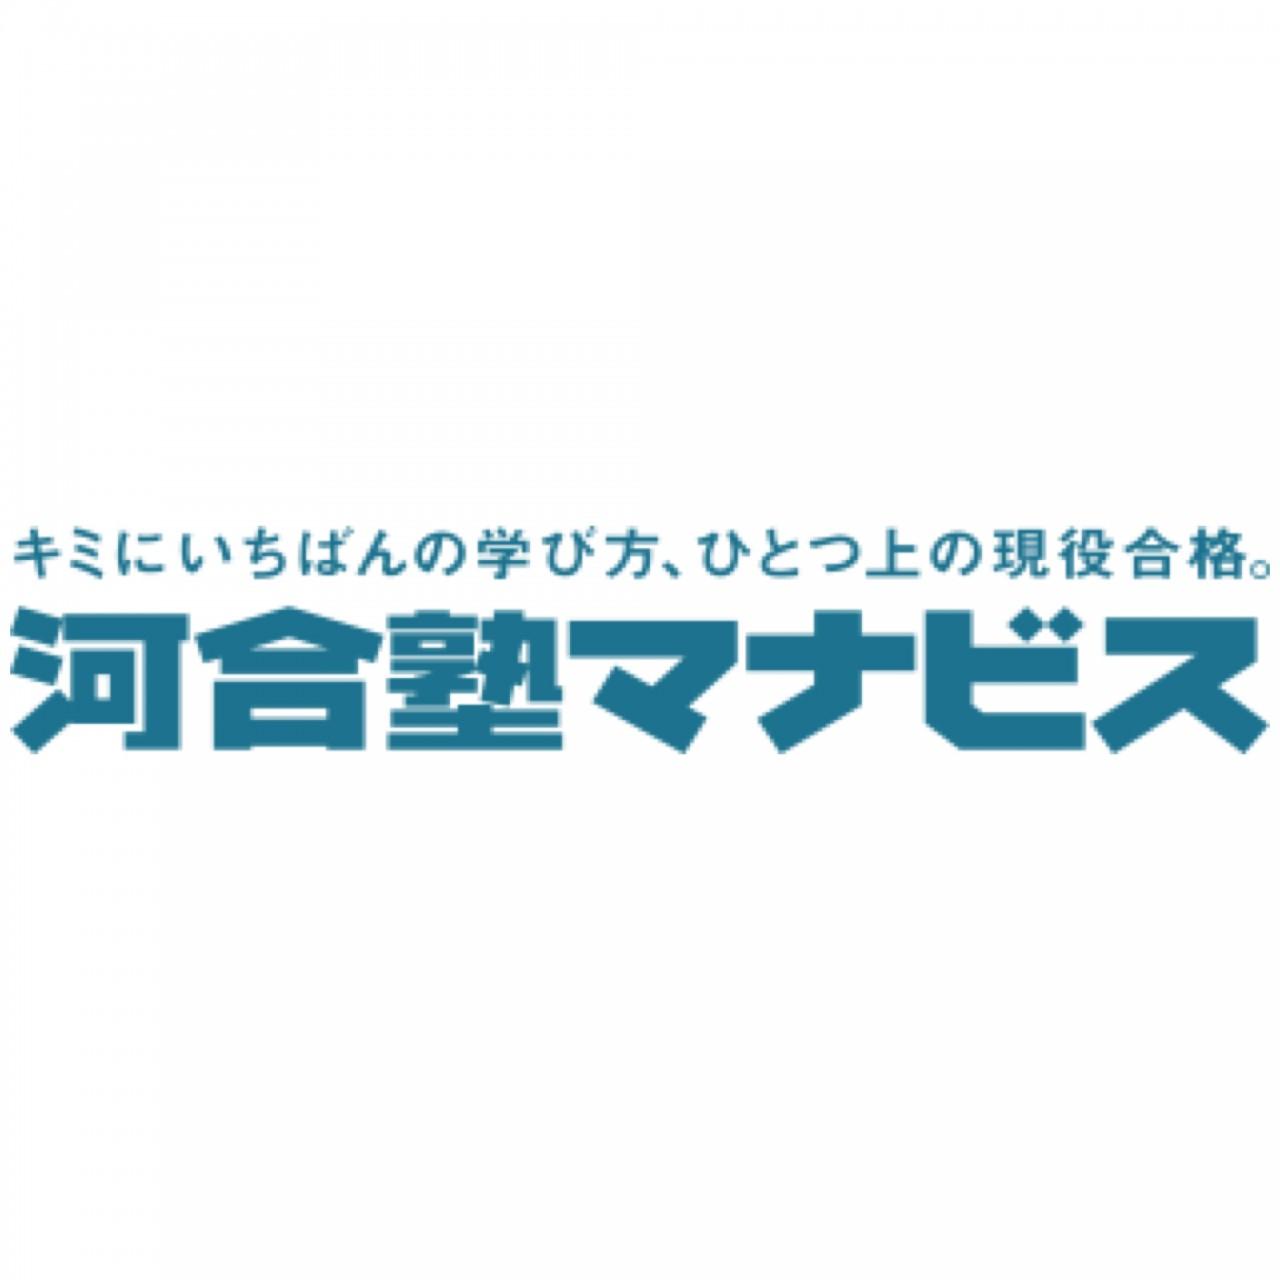 河合塾マナビス秋葉原校